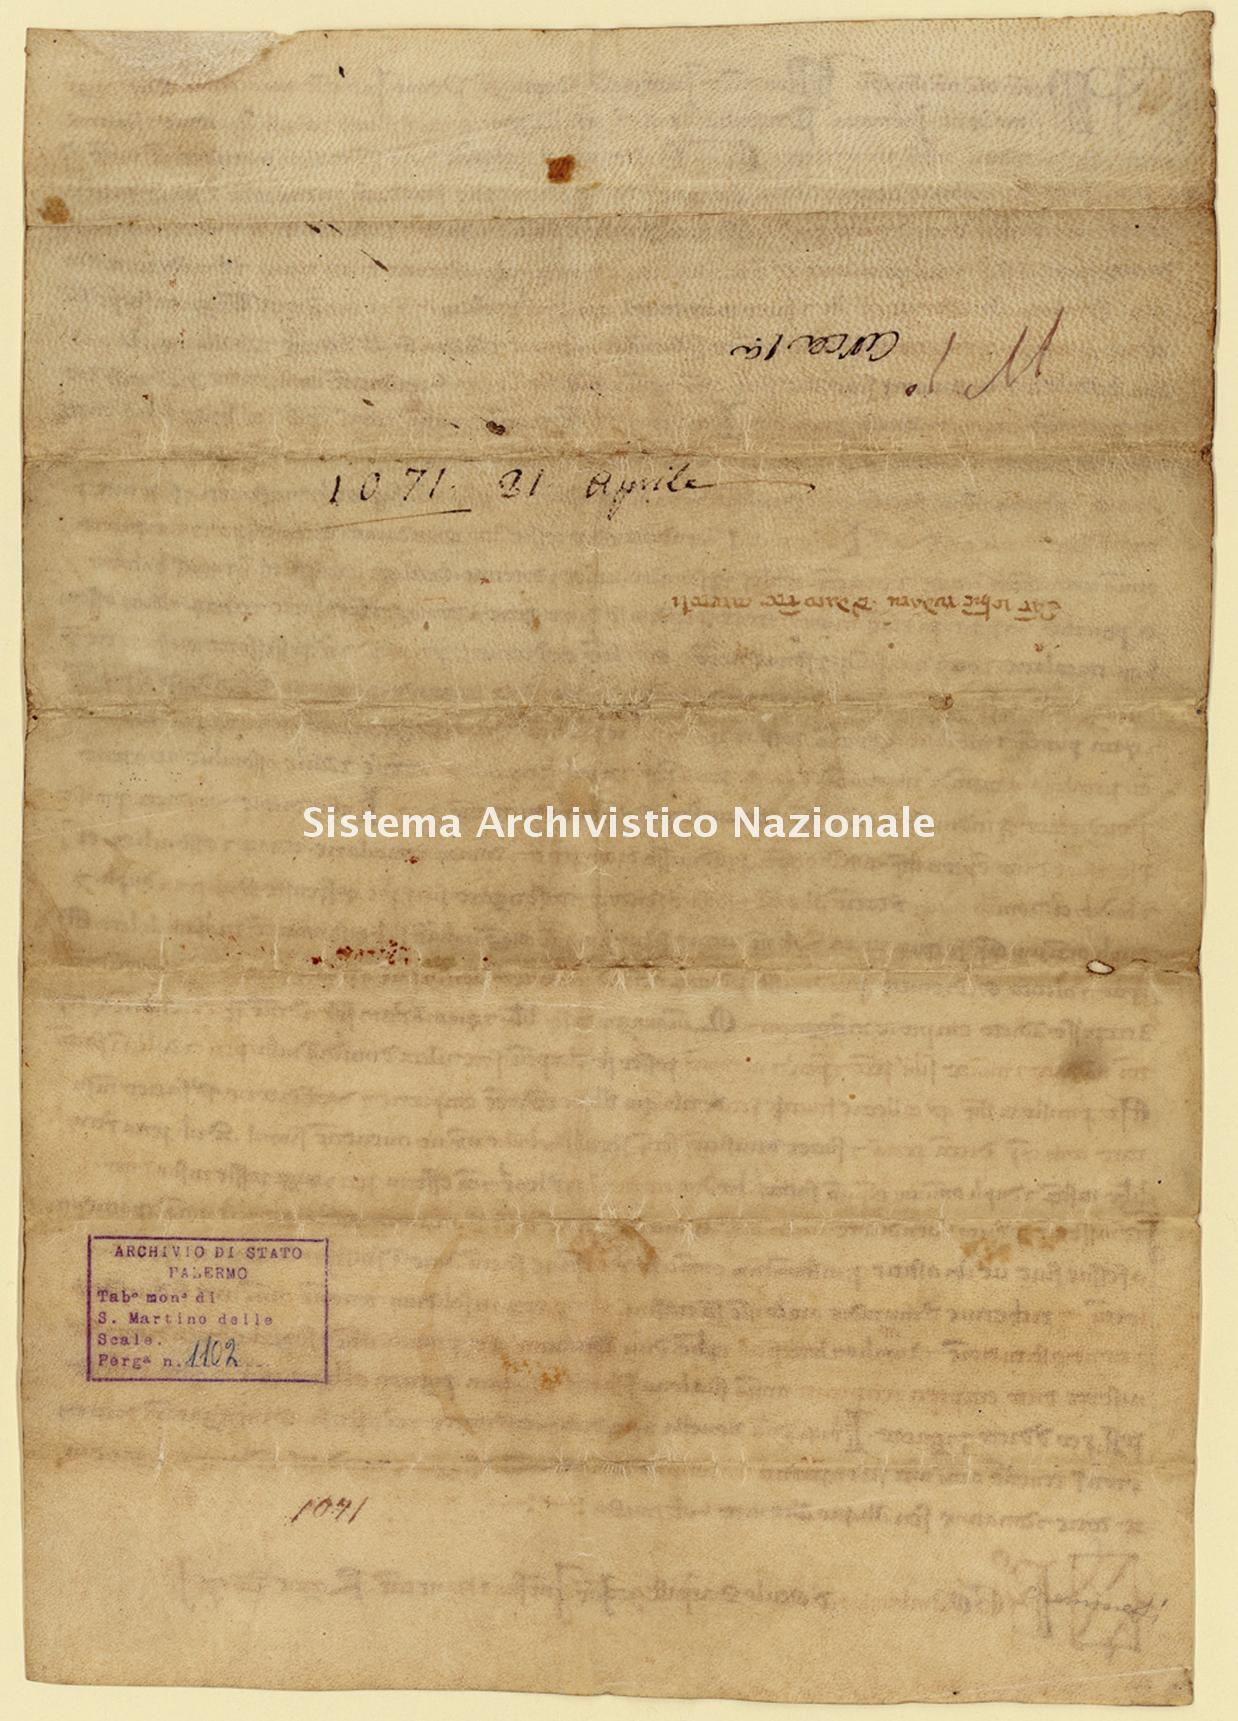 Archivio di Stato di Palermo, Diplomatico, Tabulario del monastero di San Martino delle Scale, Pergamena TSMS 1102